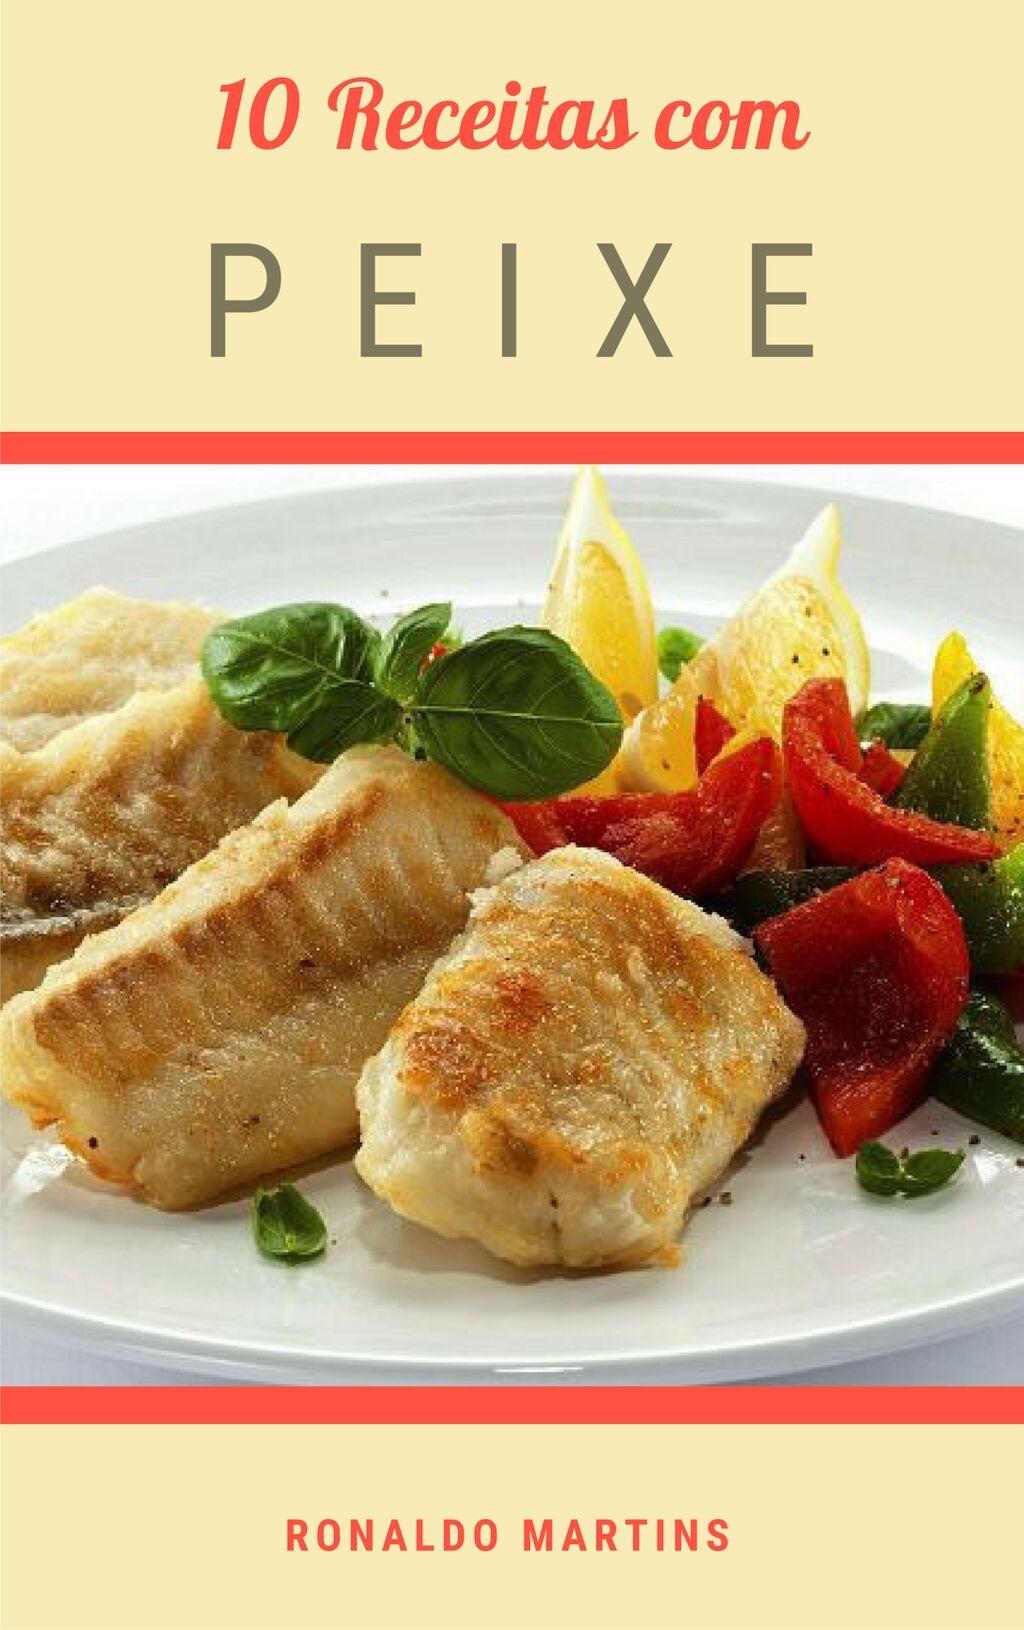 10 receitas com peixe